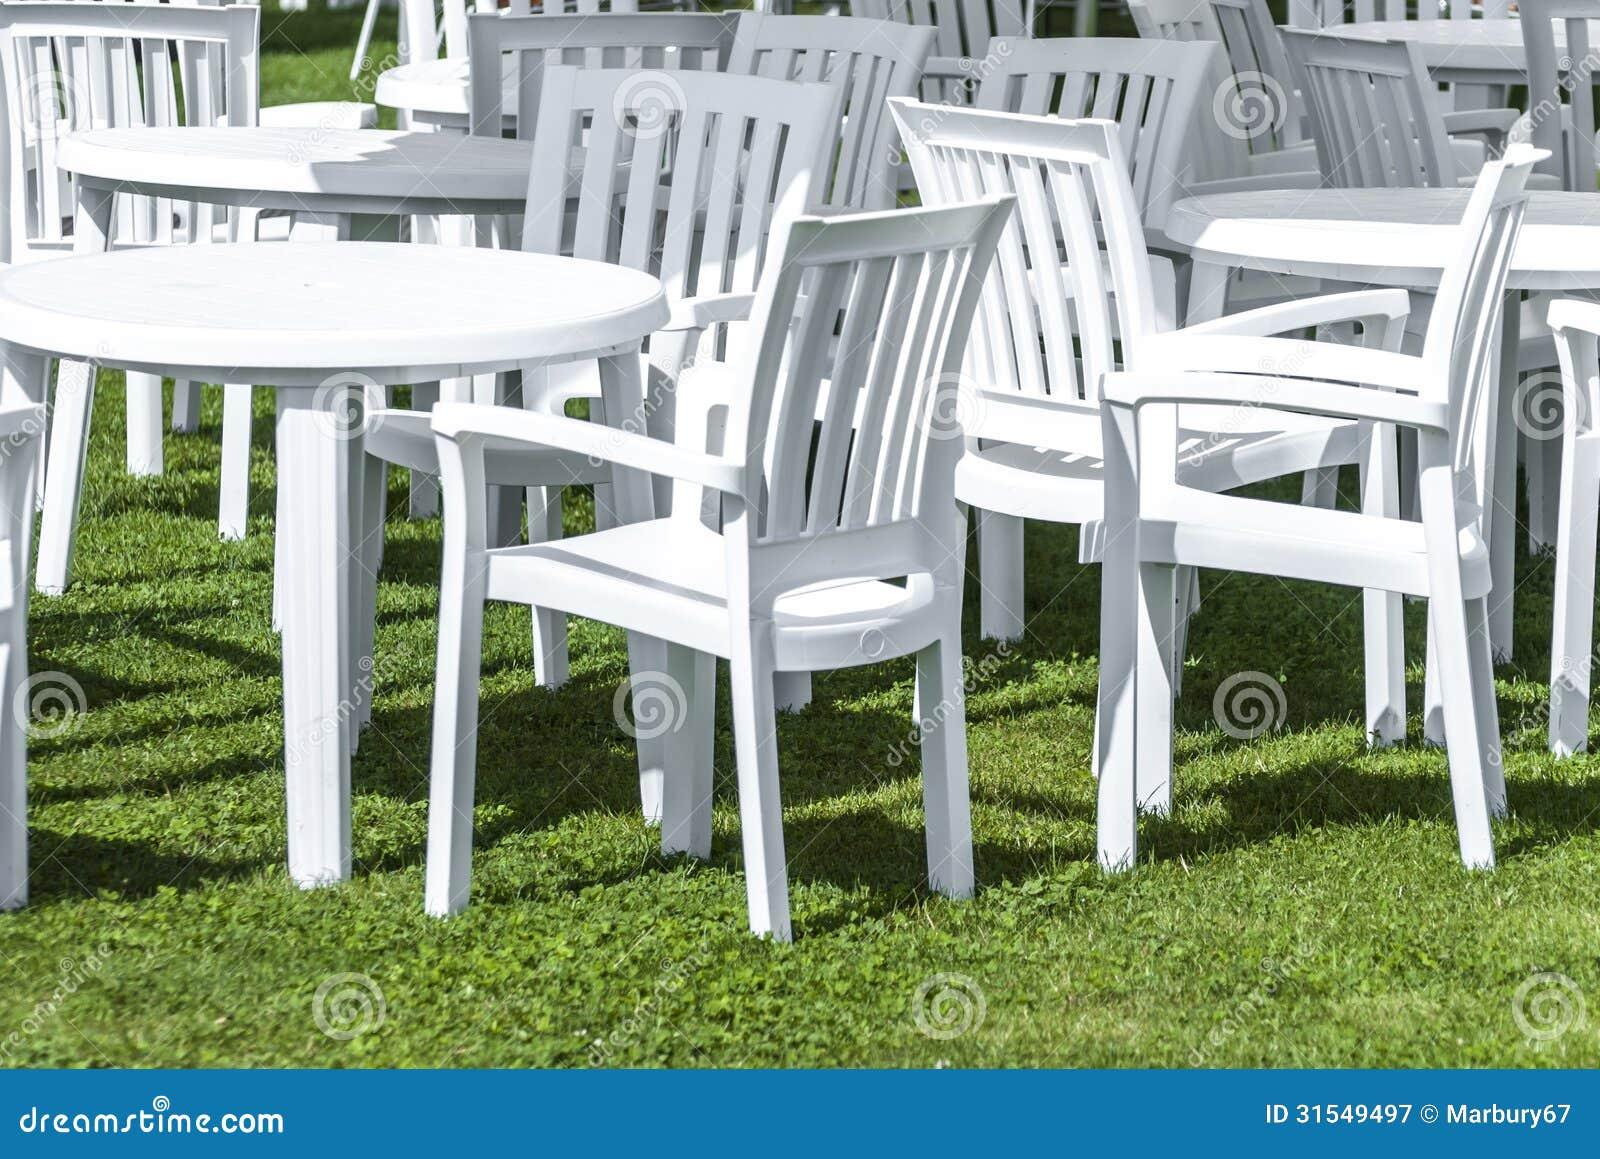 Mobili Da Giardino In Plastica : Mobili da giardino di plastica immagine stock immagine di aperto